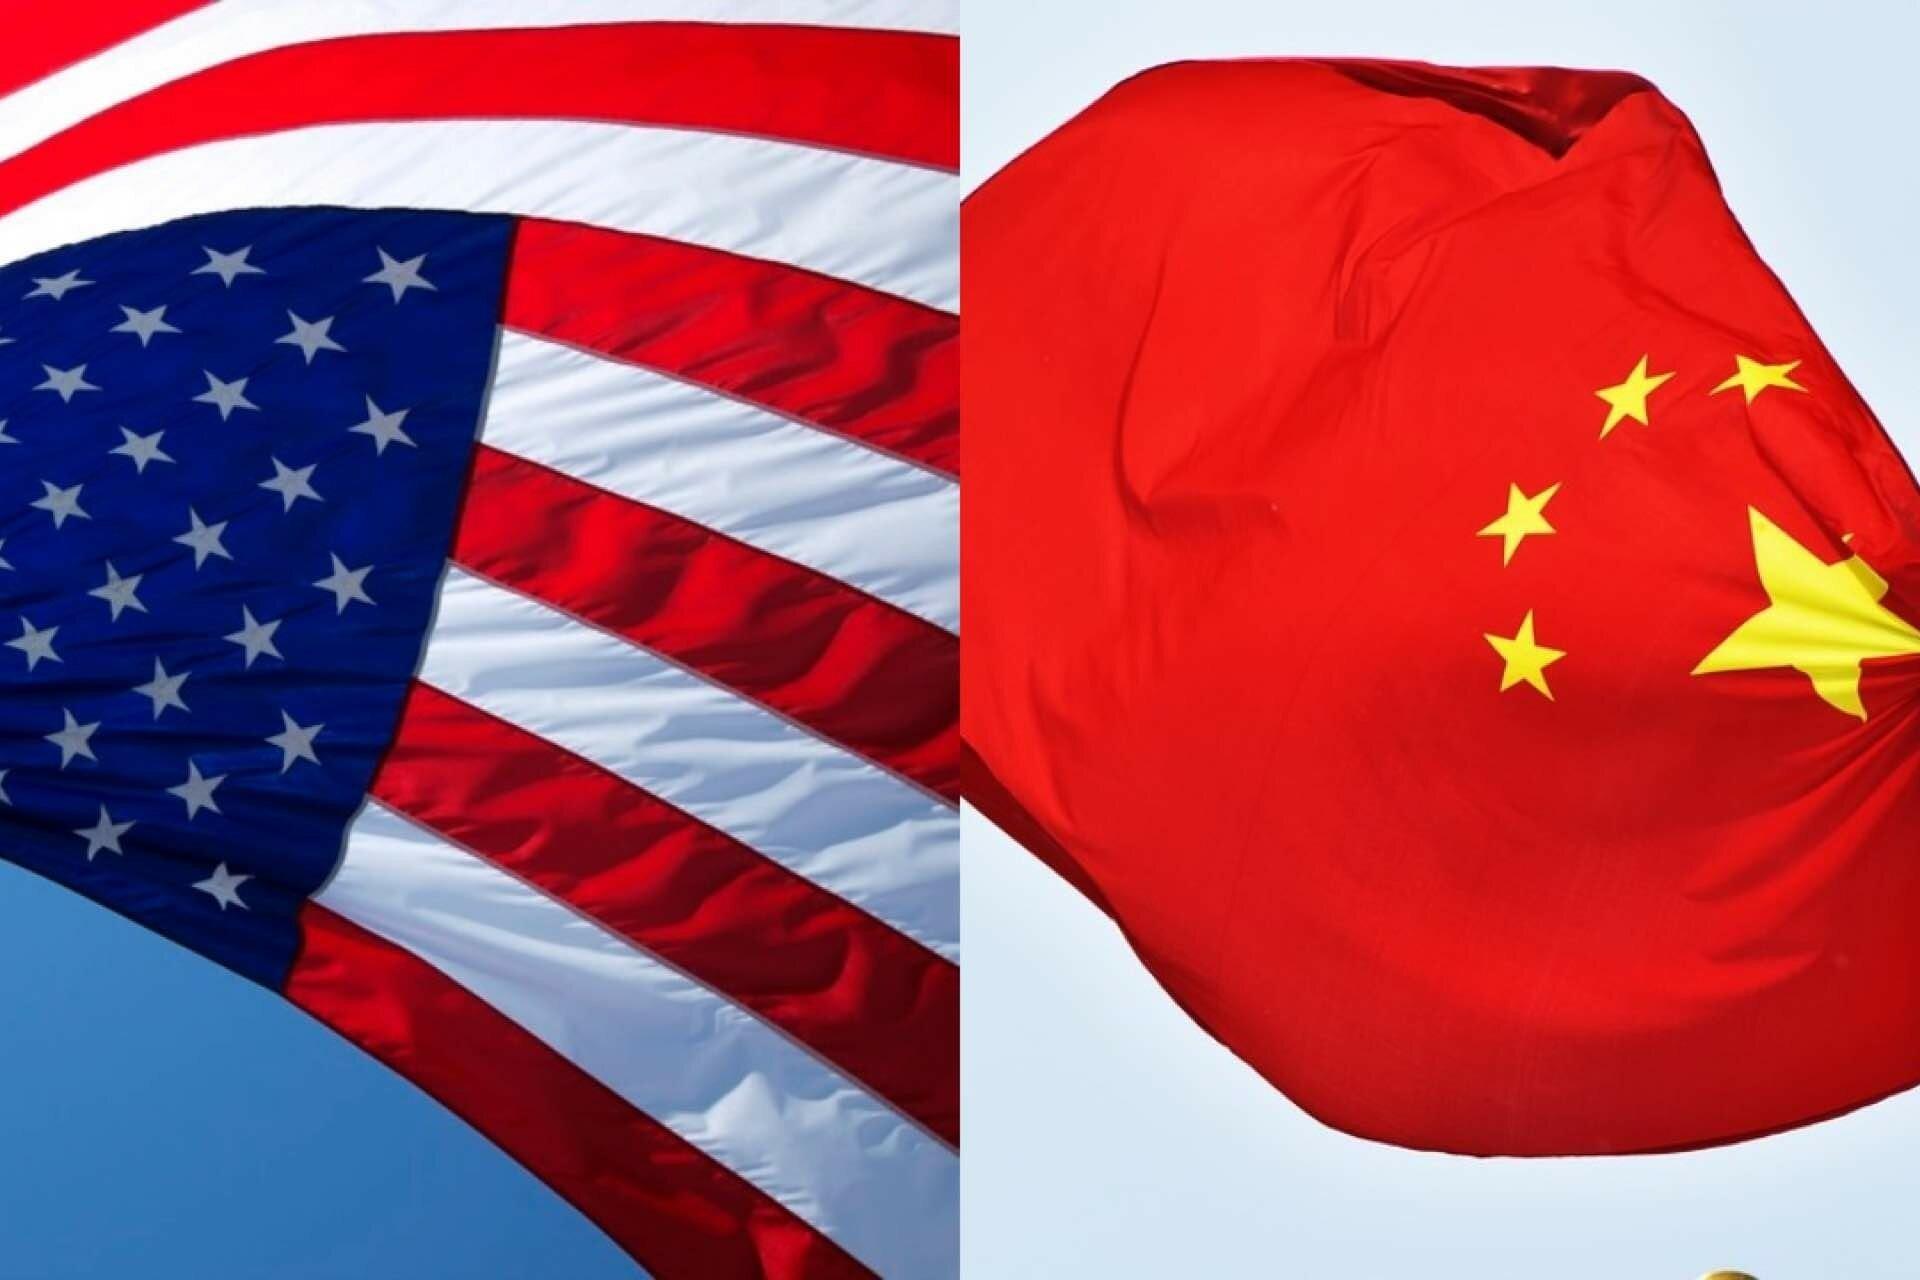 США вводят санкции против Китая за создание суперкомпьютеров